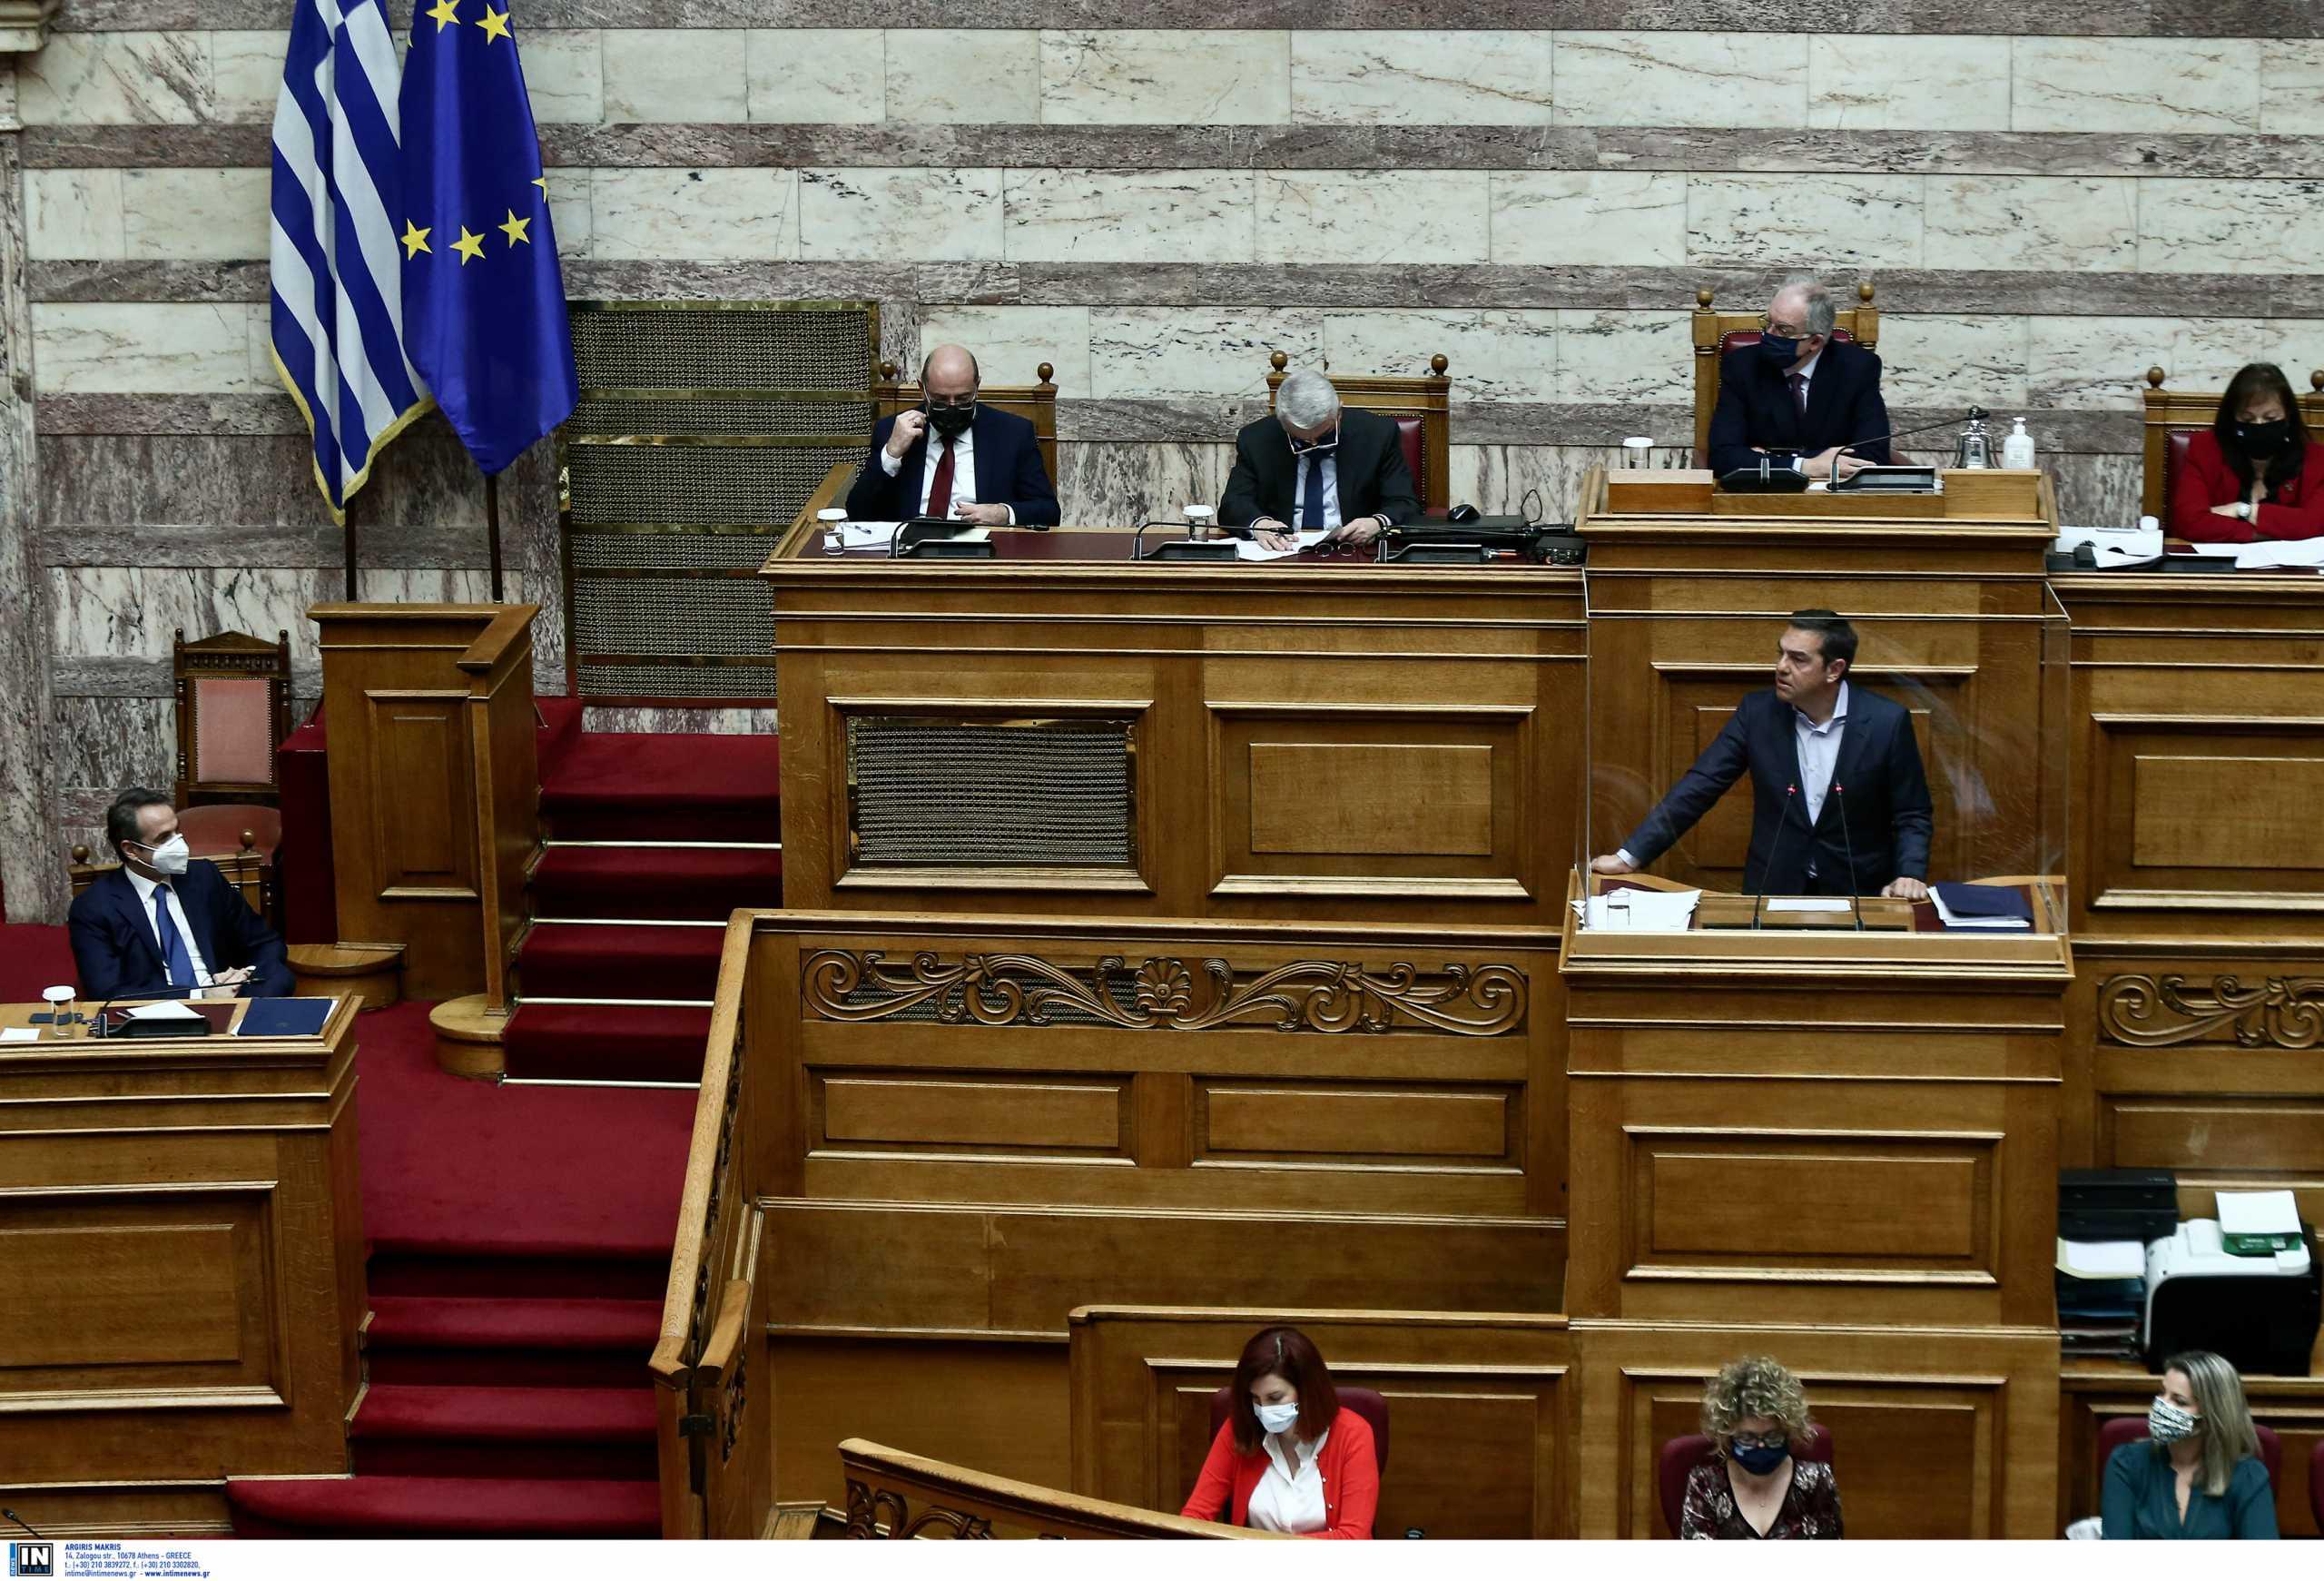 Μητσοτάκης: Να απαντήσεις αν κατηγορείς την κυβέρνηση ότι καλύπτει παιδεραστές - Τσίπρας: Διαχωρίζω την θέση μου από όσα ανεύθυνα γράφονται στα social media